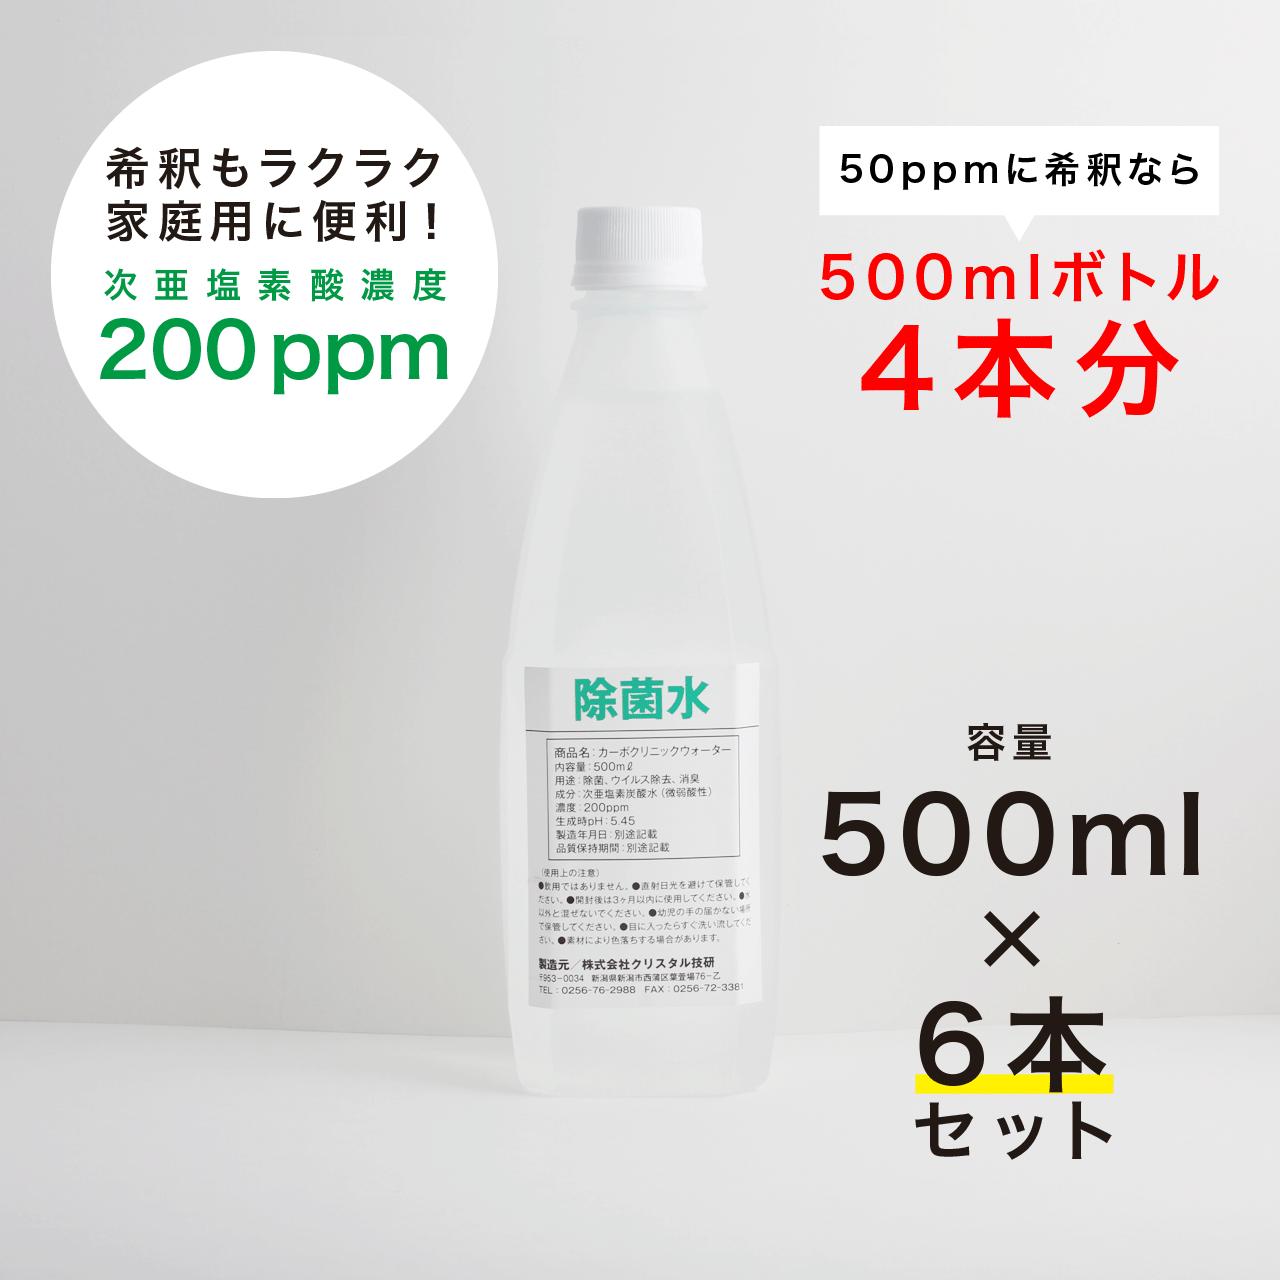 [6本セット]次亜塩素炭酸水 除菌・消臭「カーボクリニックウォーター」200 ppm